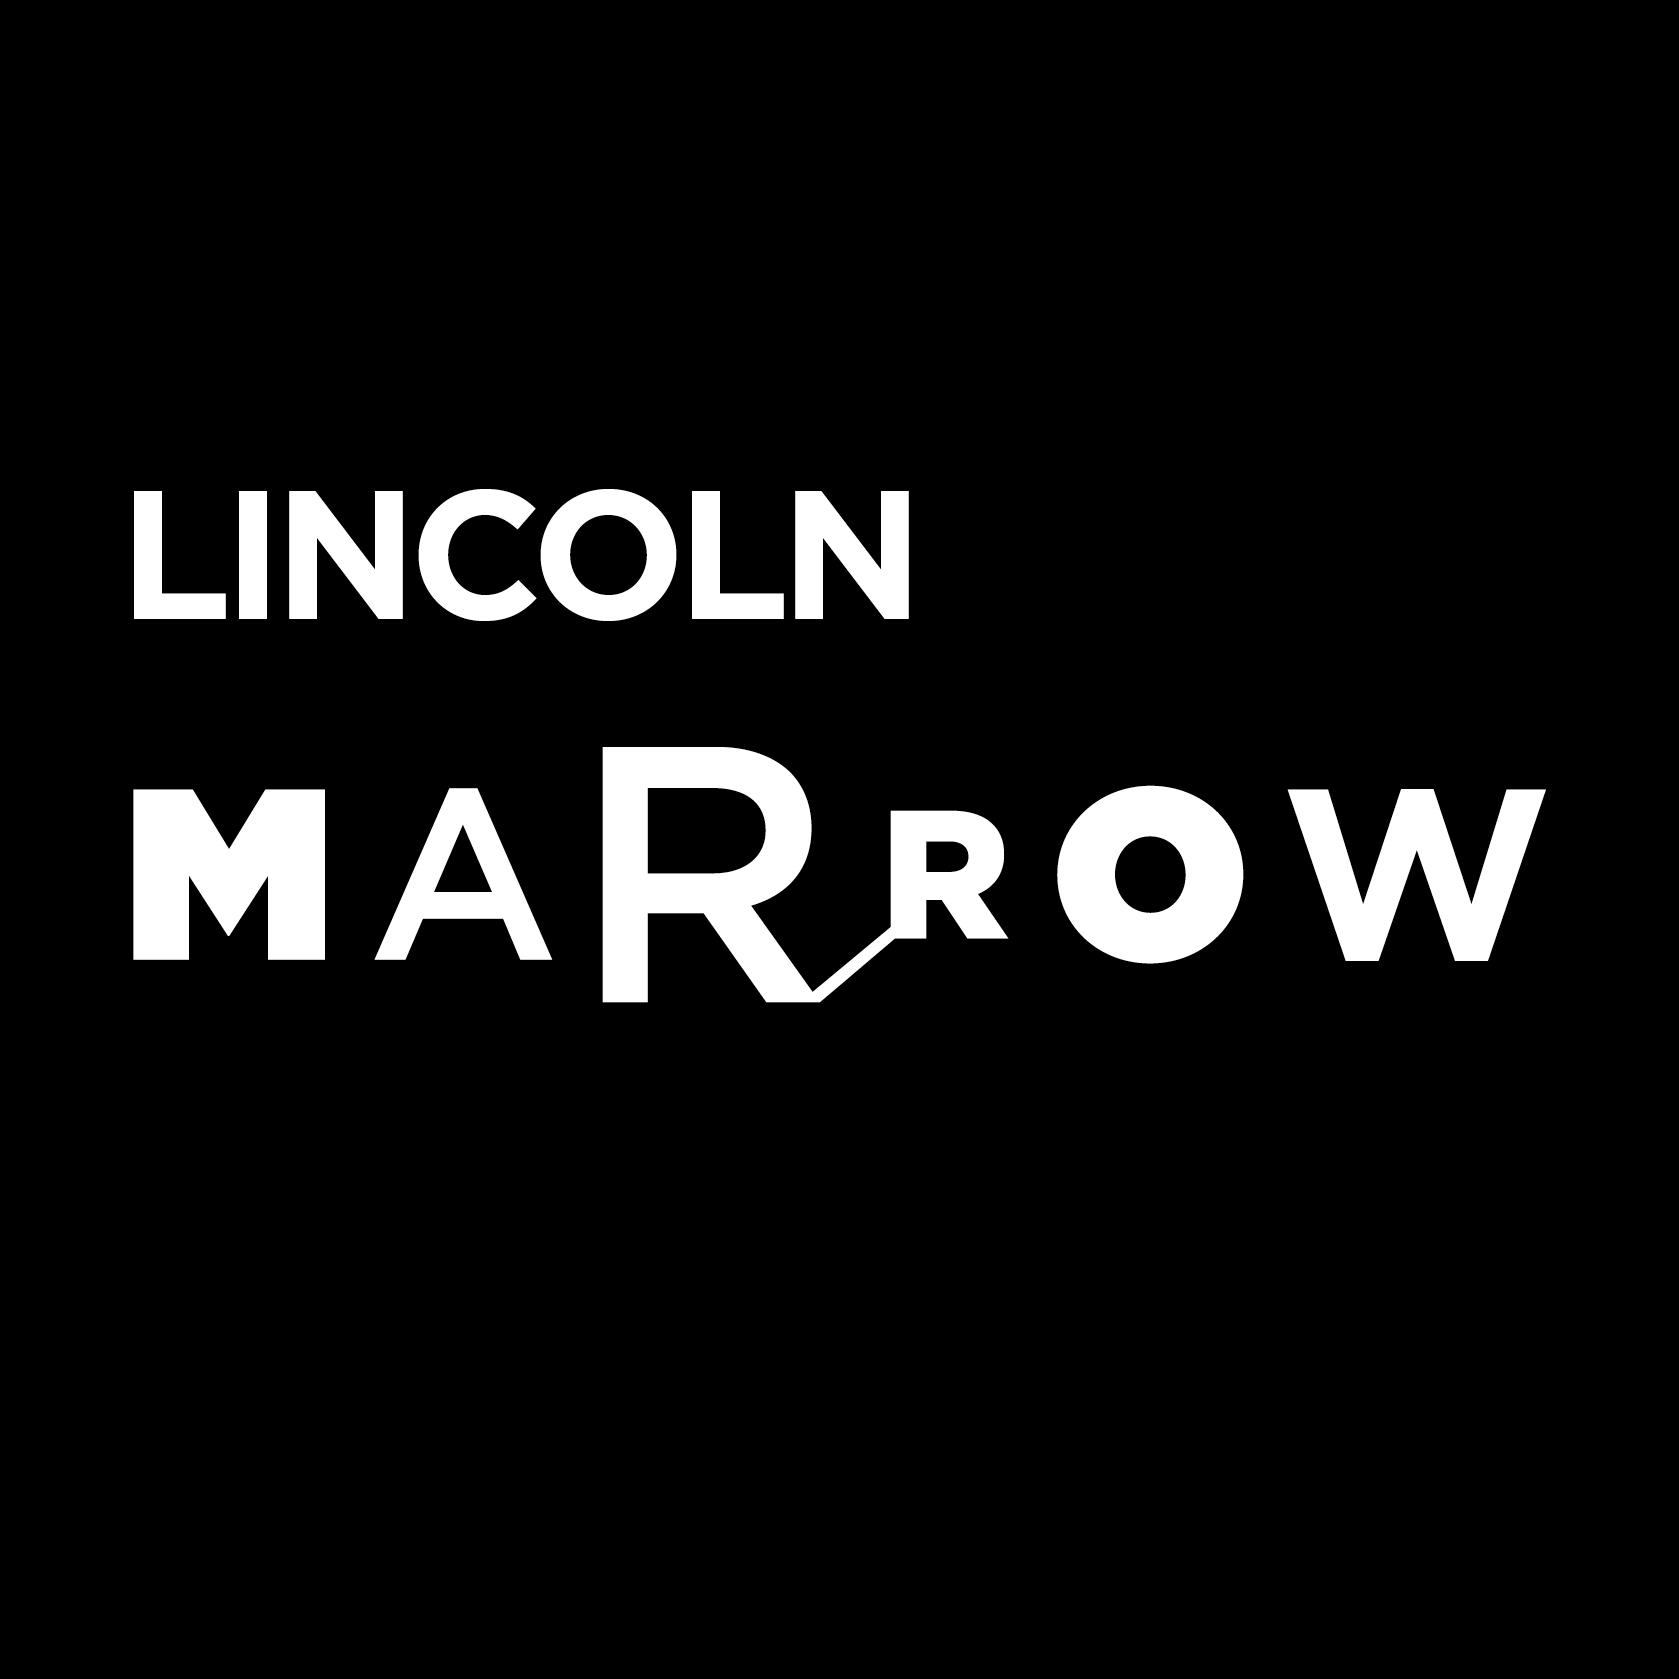 Lincoln Marrow Society thumbnail